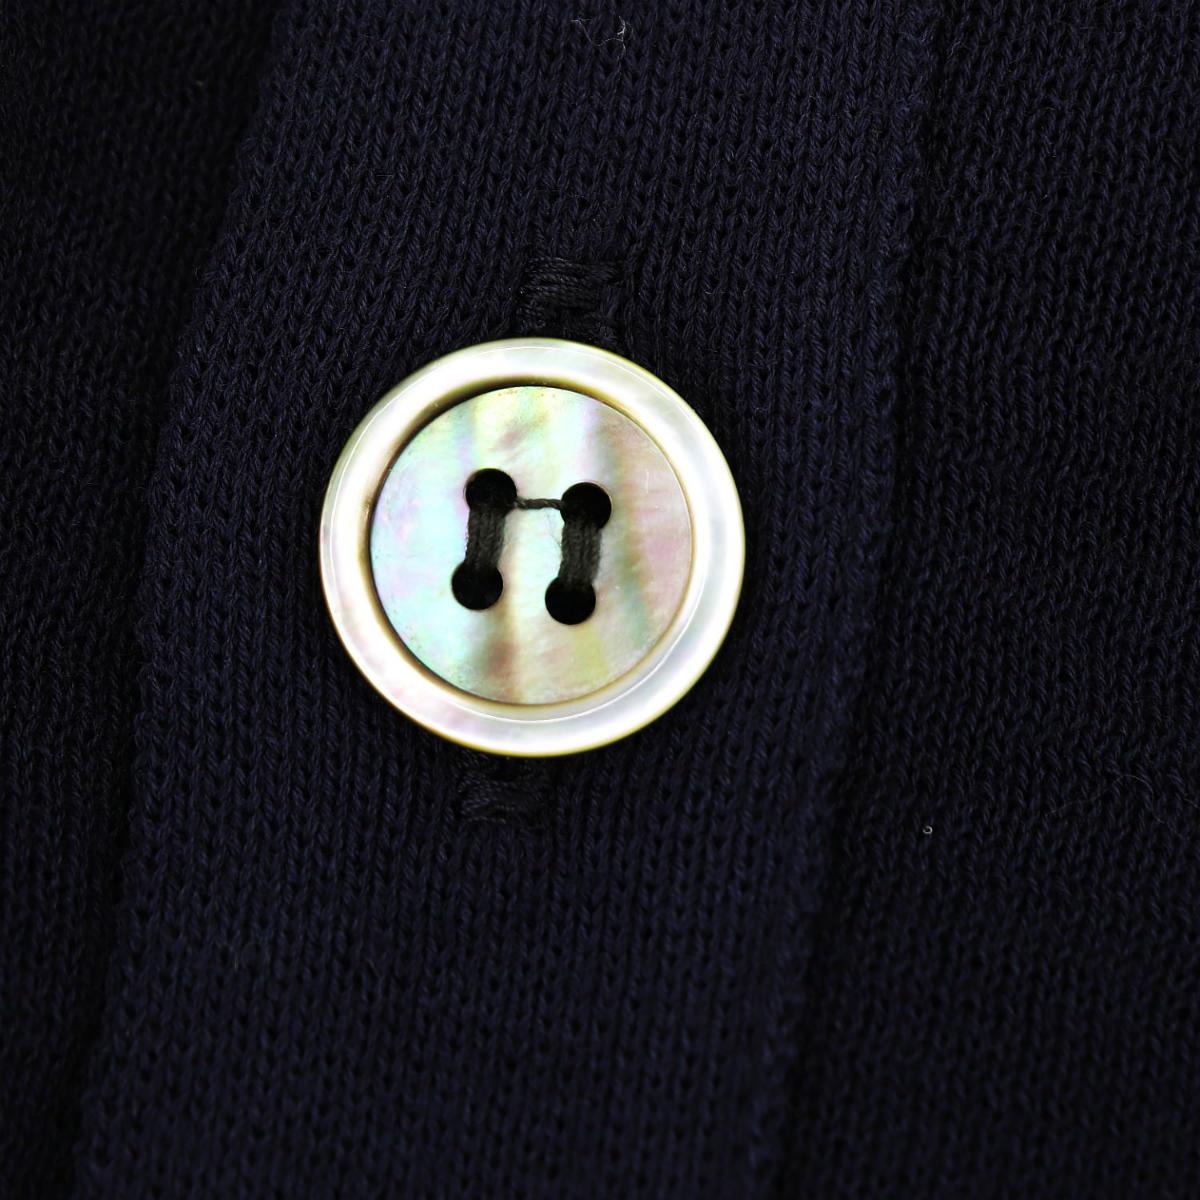 リナシェンテ RINASCENTE メンズ コットン ハイゲージ サマーニットカーディガン 203-61803 RST(ネイビー) 春夏新作